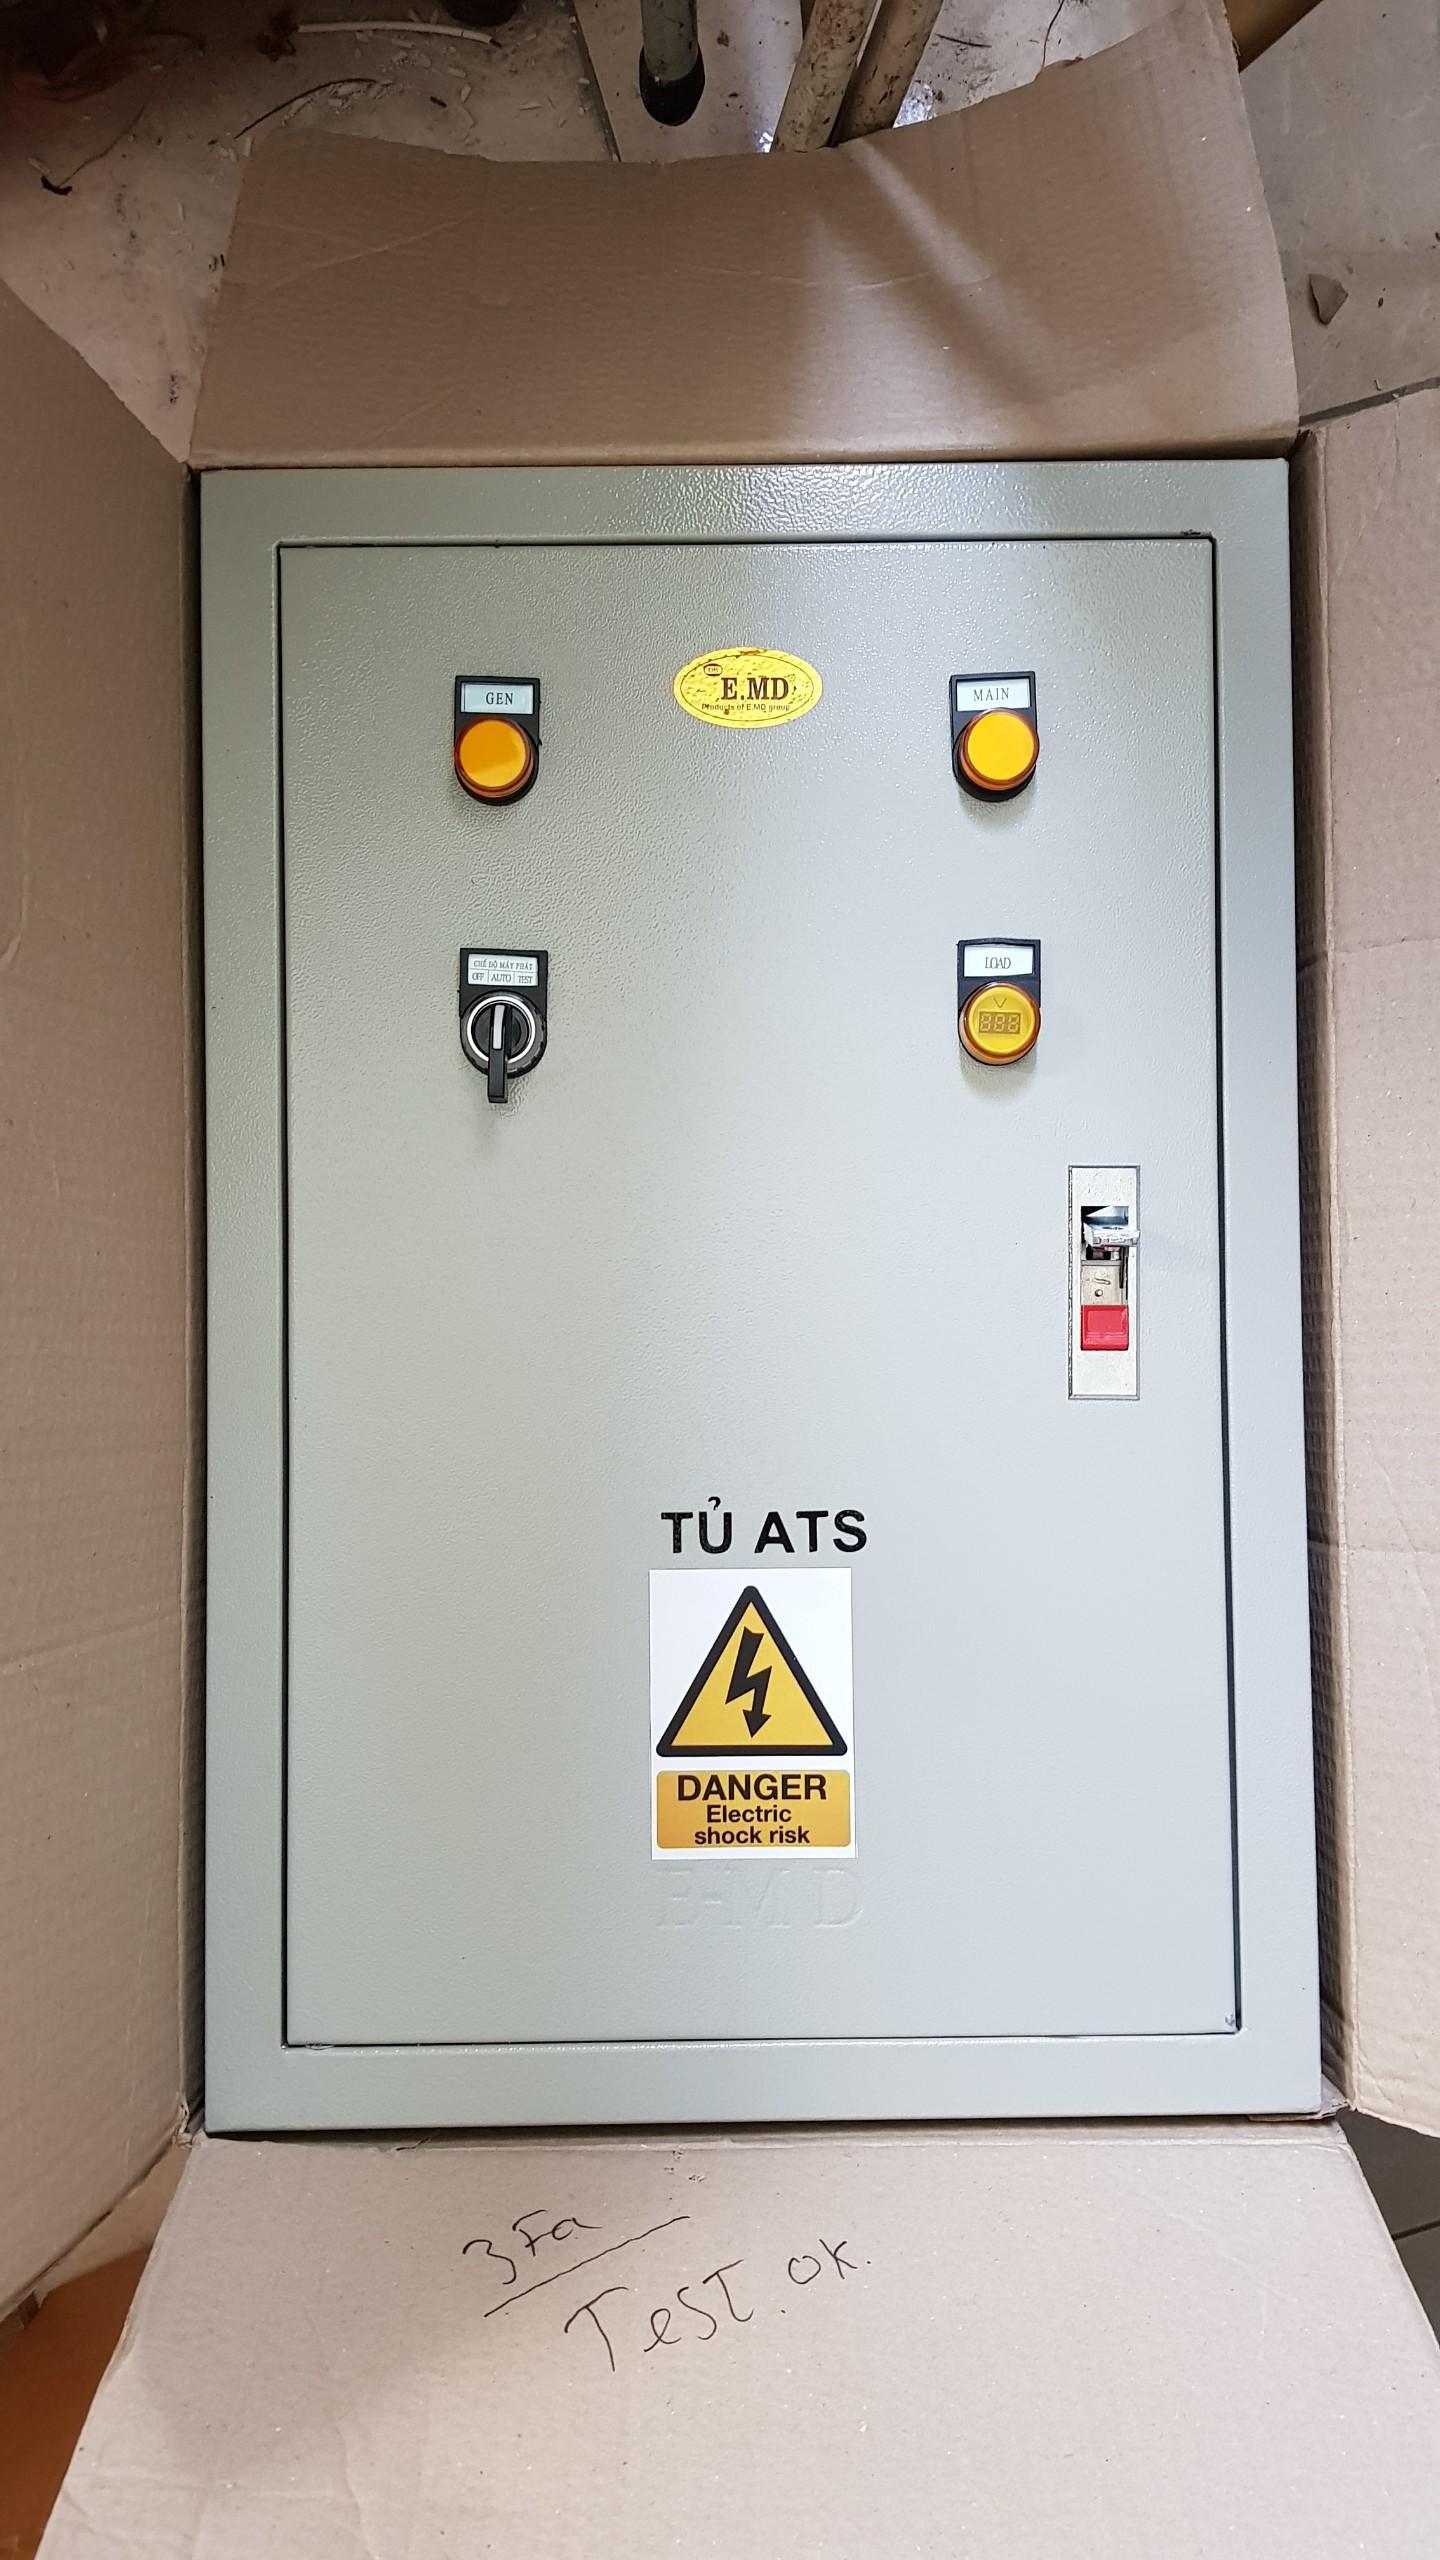 Giá Tủ ATS tự động chuyển nguồn và tự động đề nổ máy phát điện